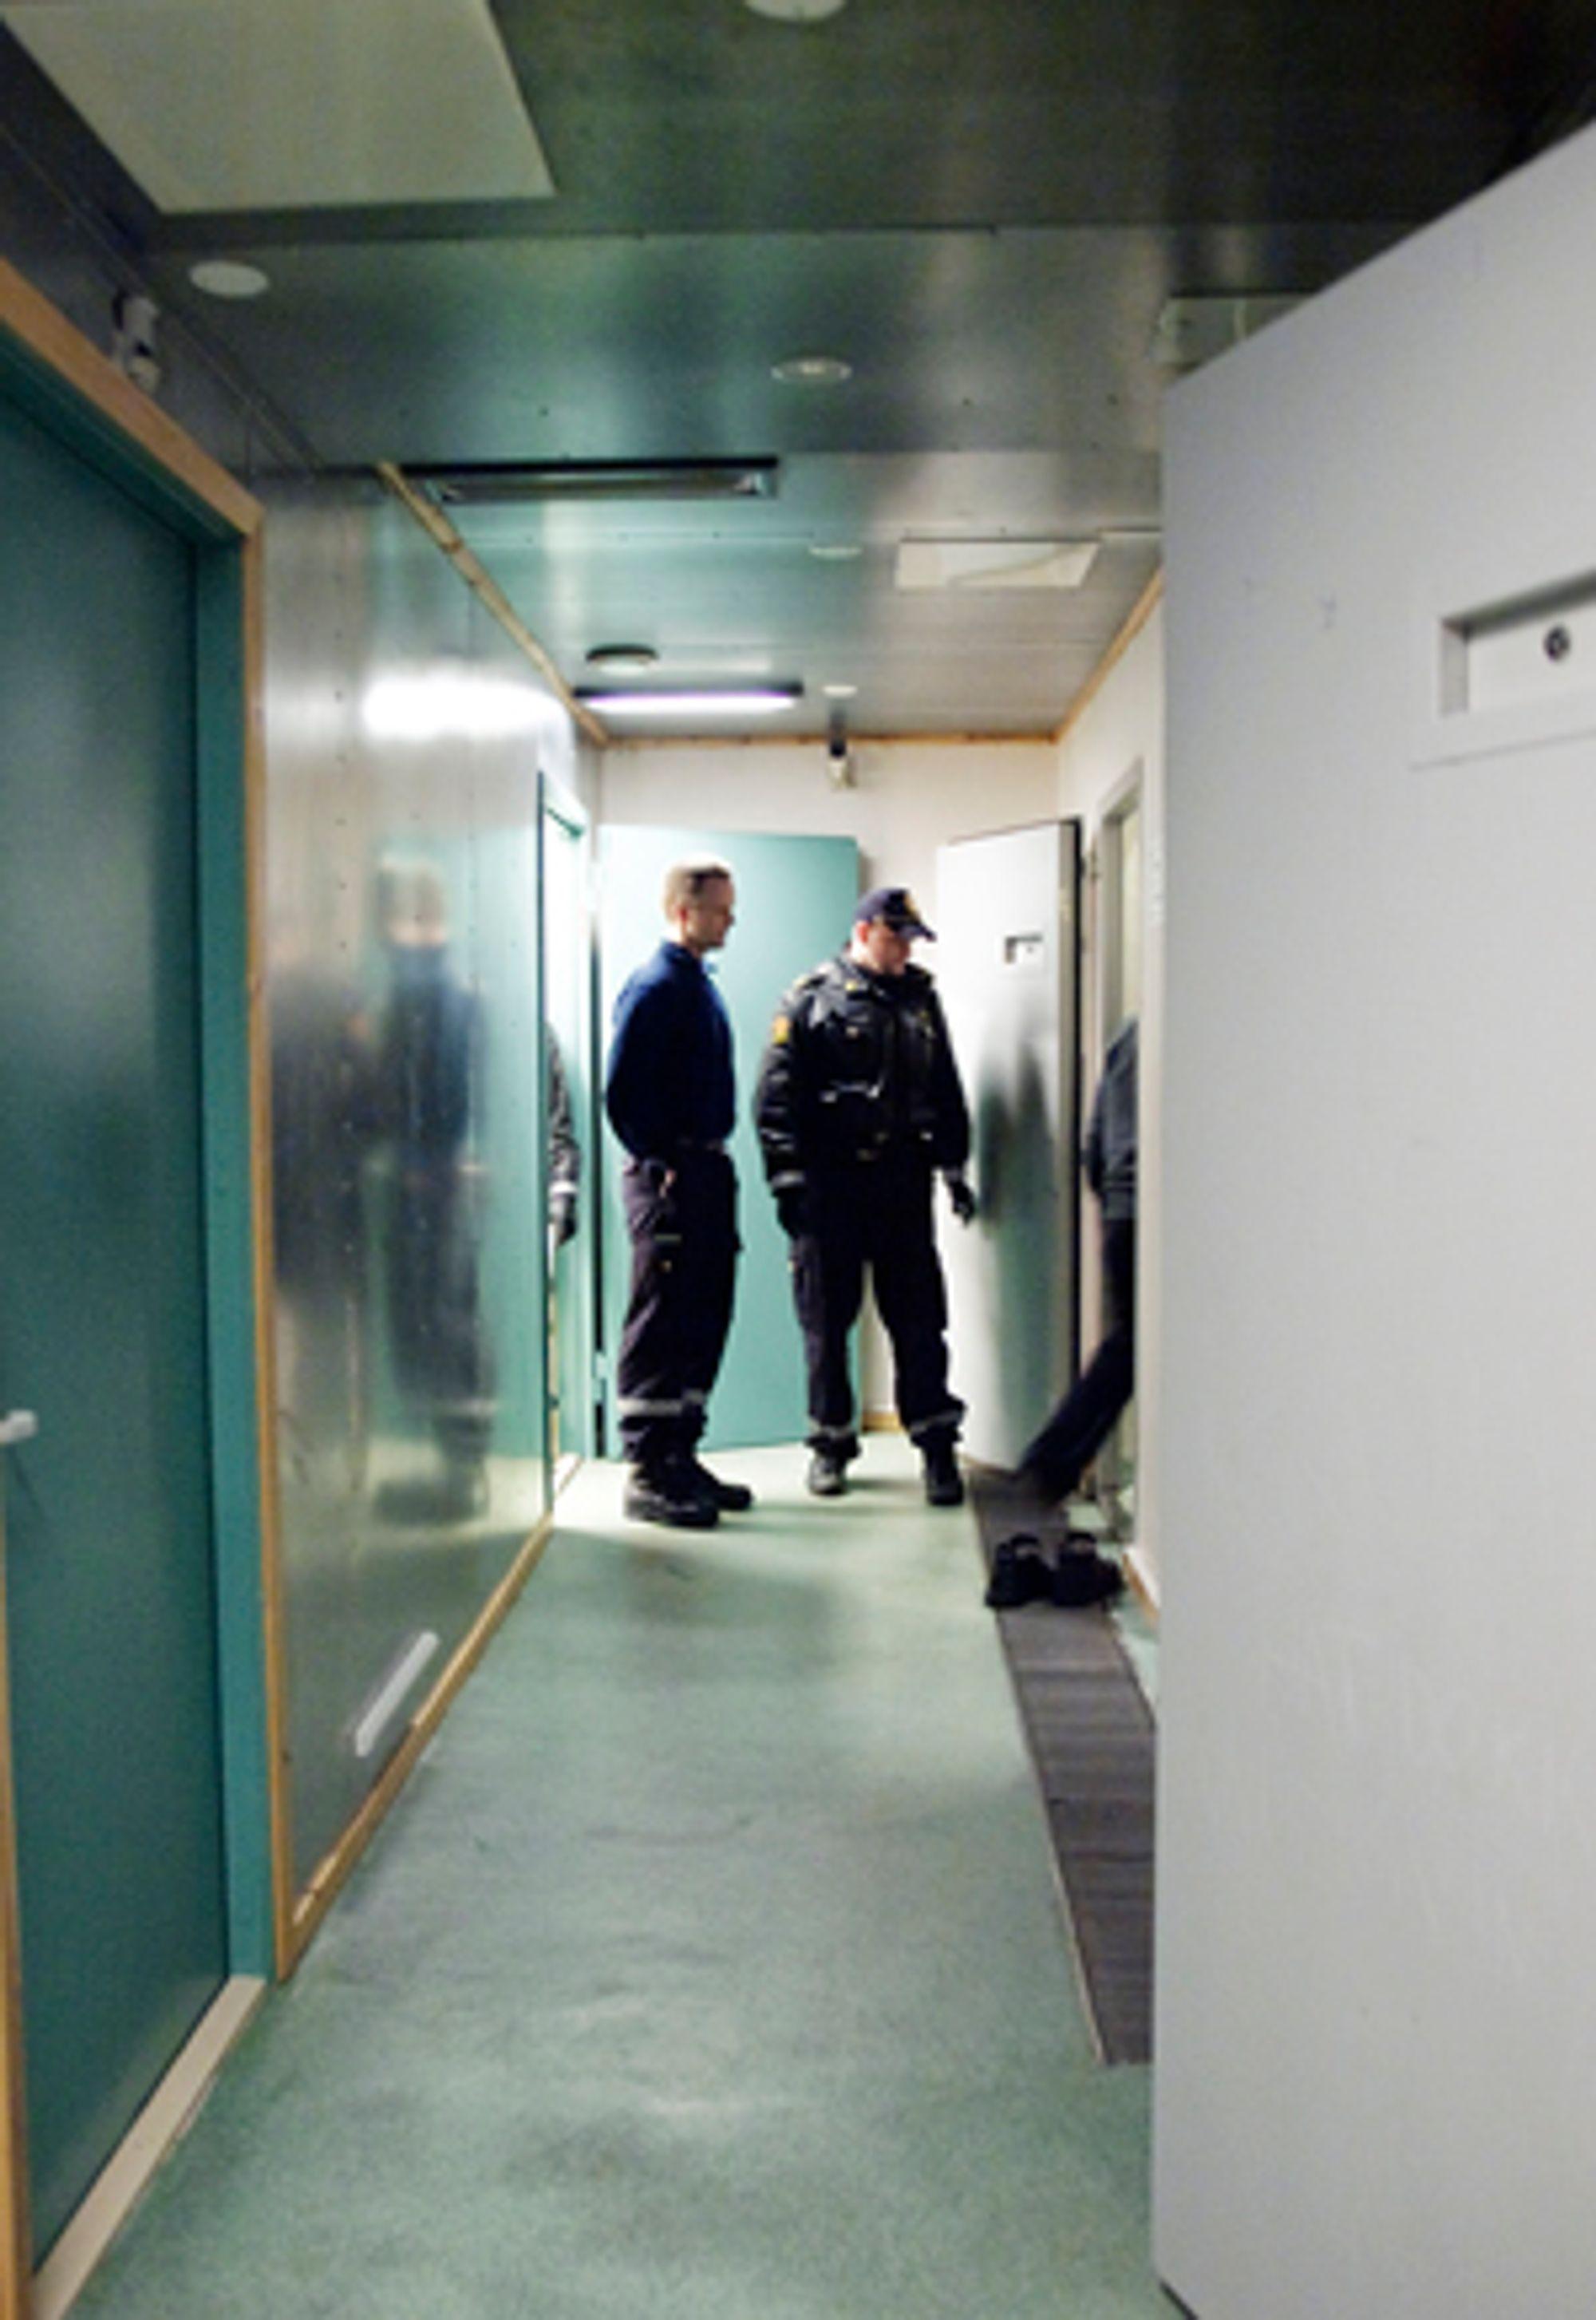 Arrestanten føres inn i cellen. © 2008 Simon Aldra.